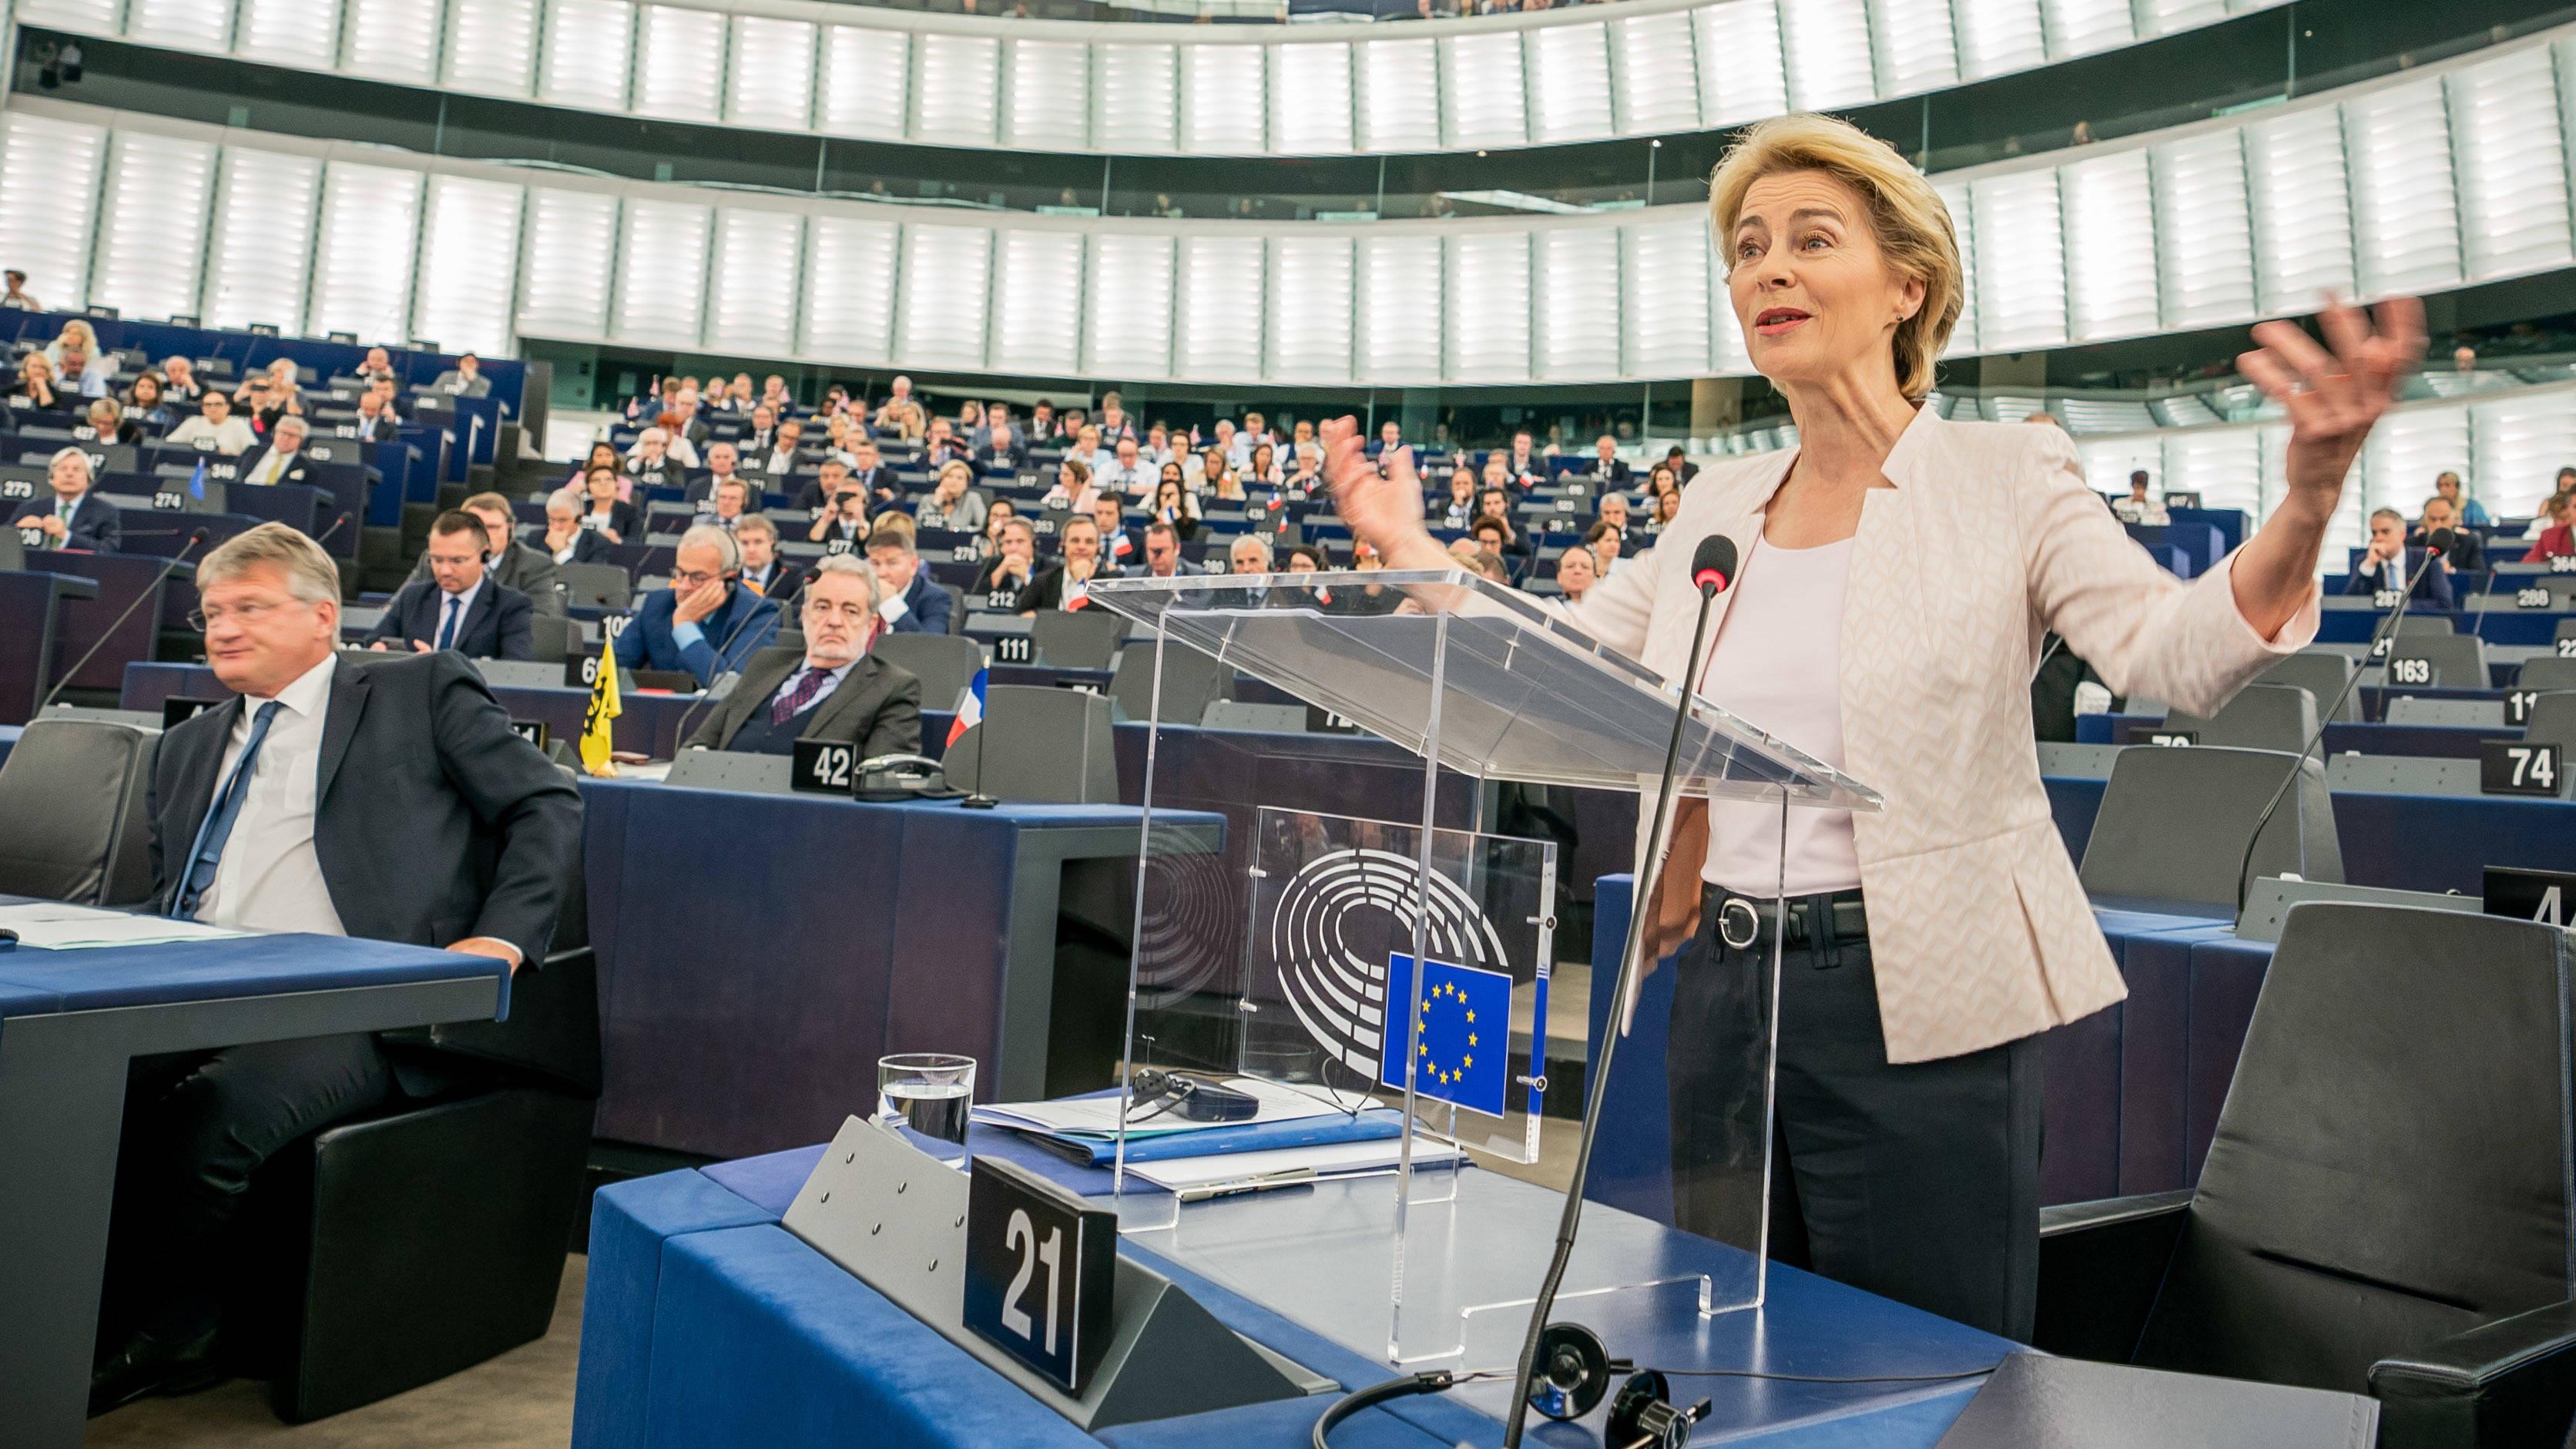 Ursula Von Der Leyen Makes History As First Female EU President